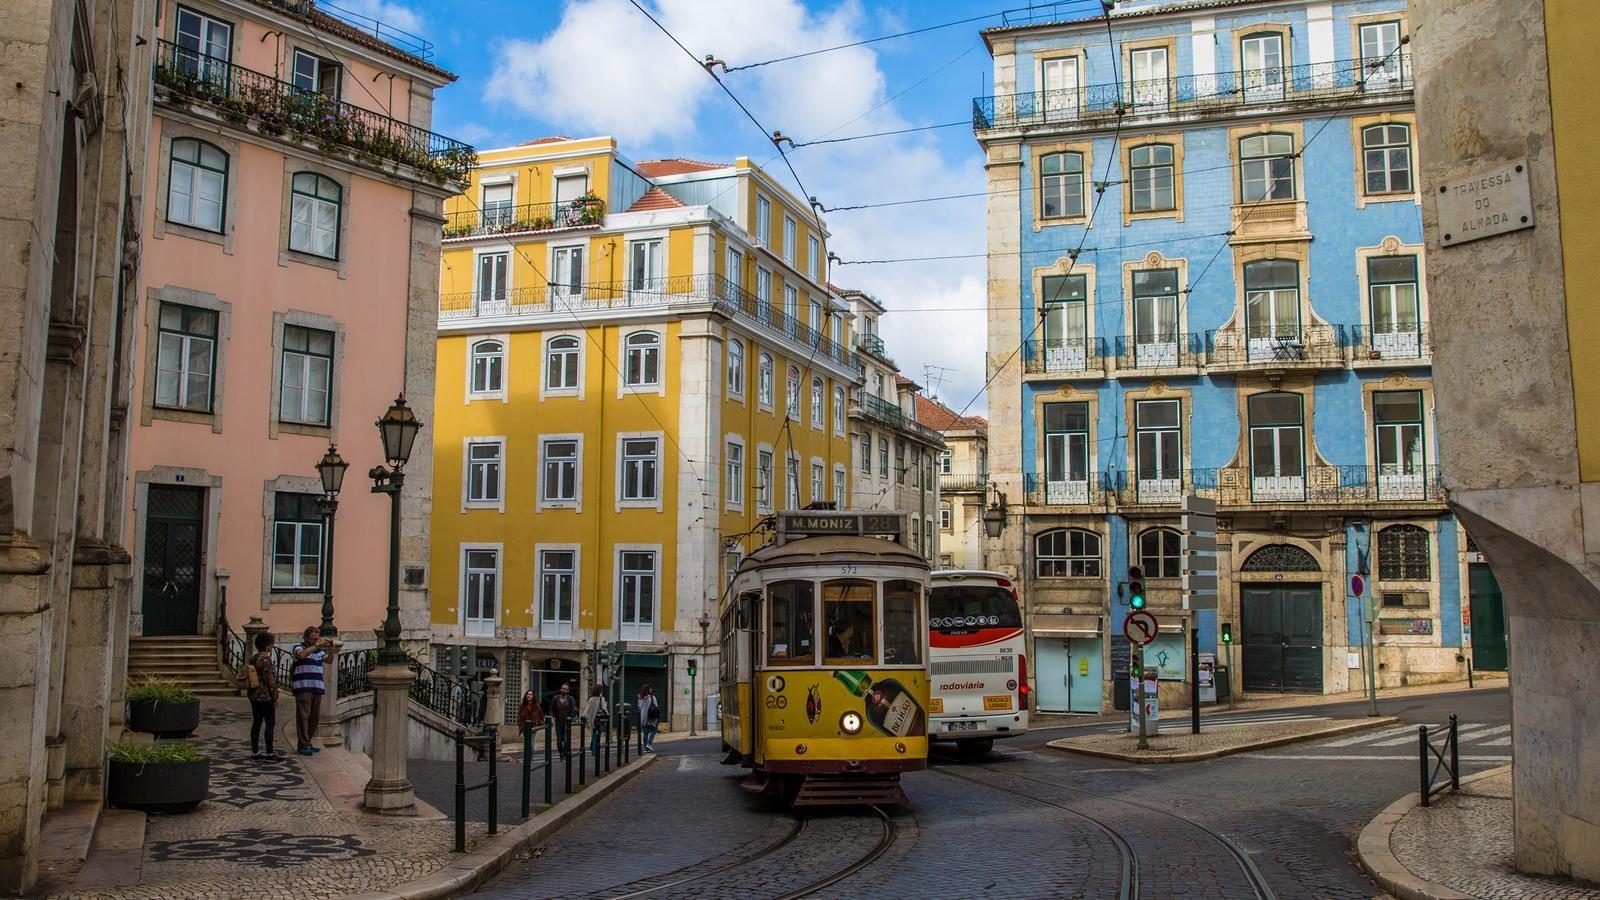 Bồ Đào Nha – Vùng đất bình yên được nhiều nhà đầu tư săn đón